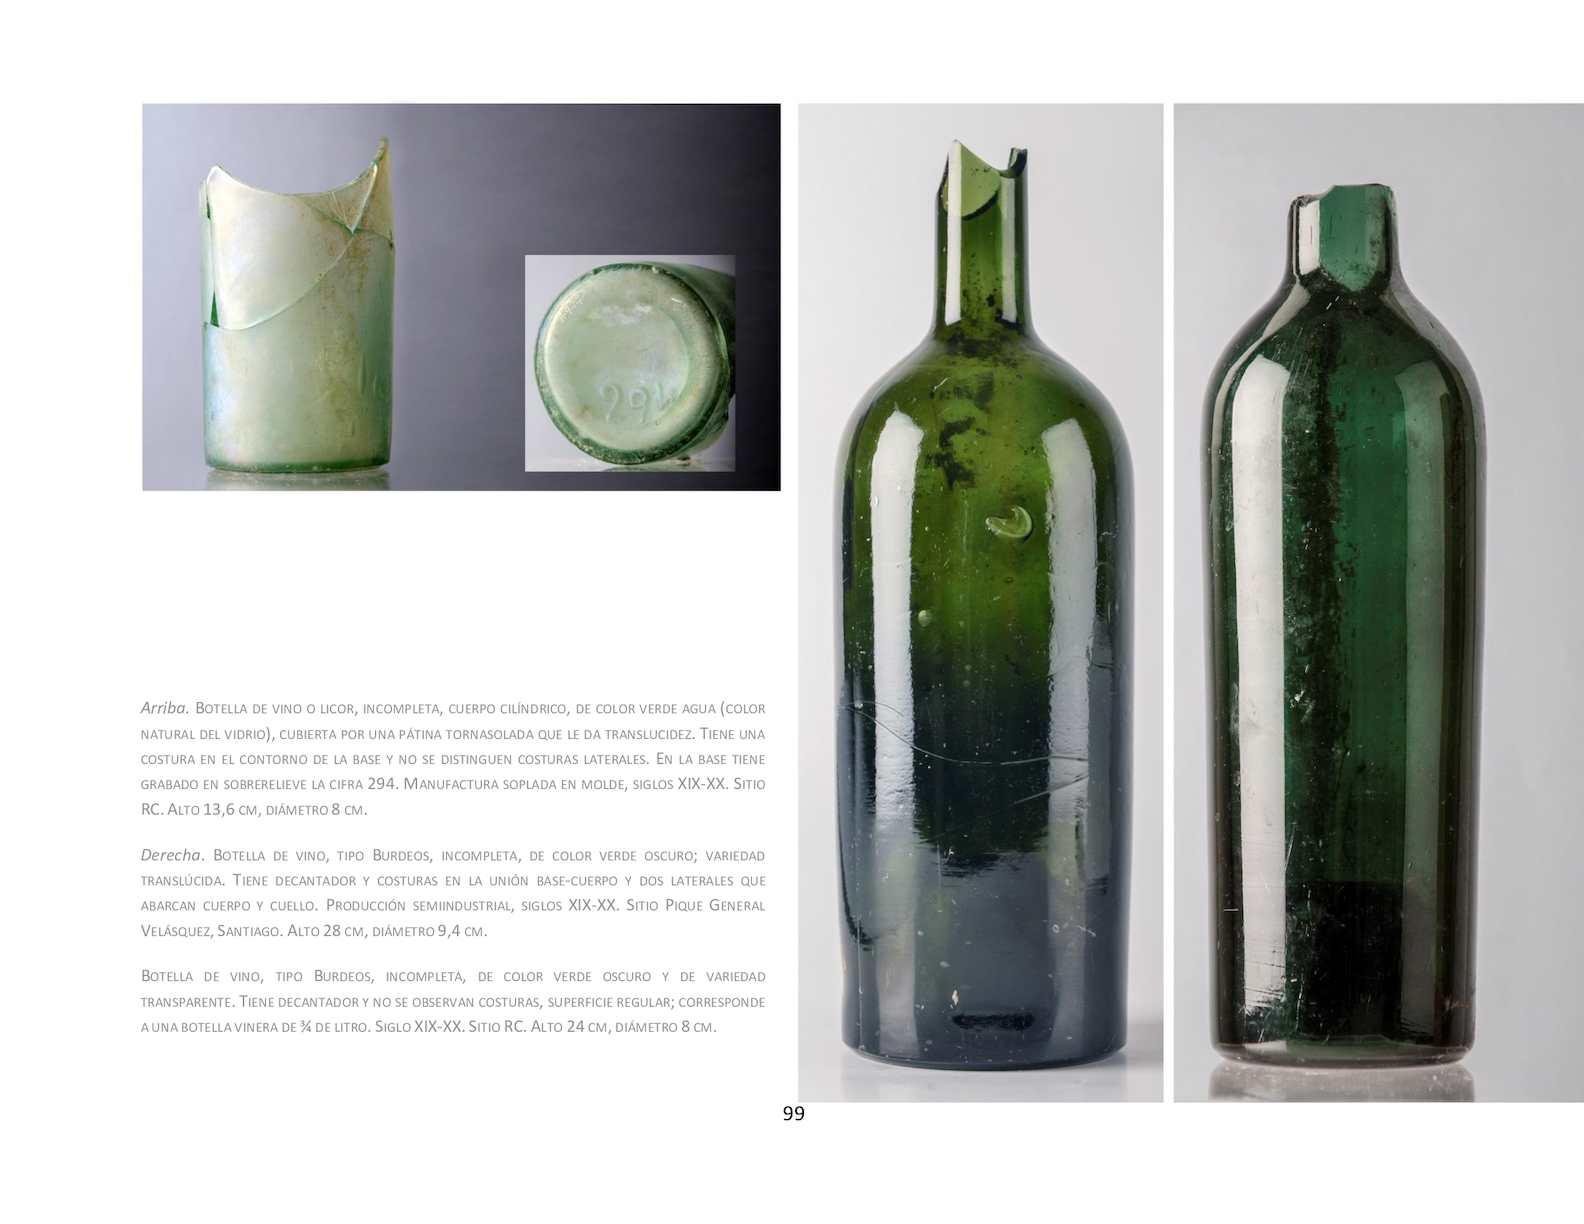 Libro Ceramicas Y Vidrios 2015 2 (3) - CALAMEO Downloader